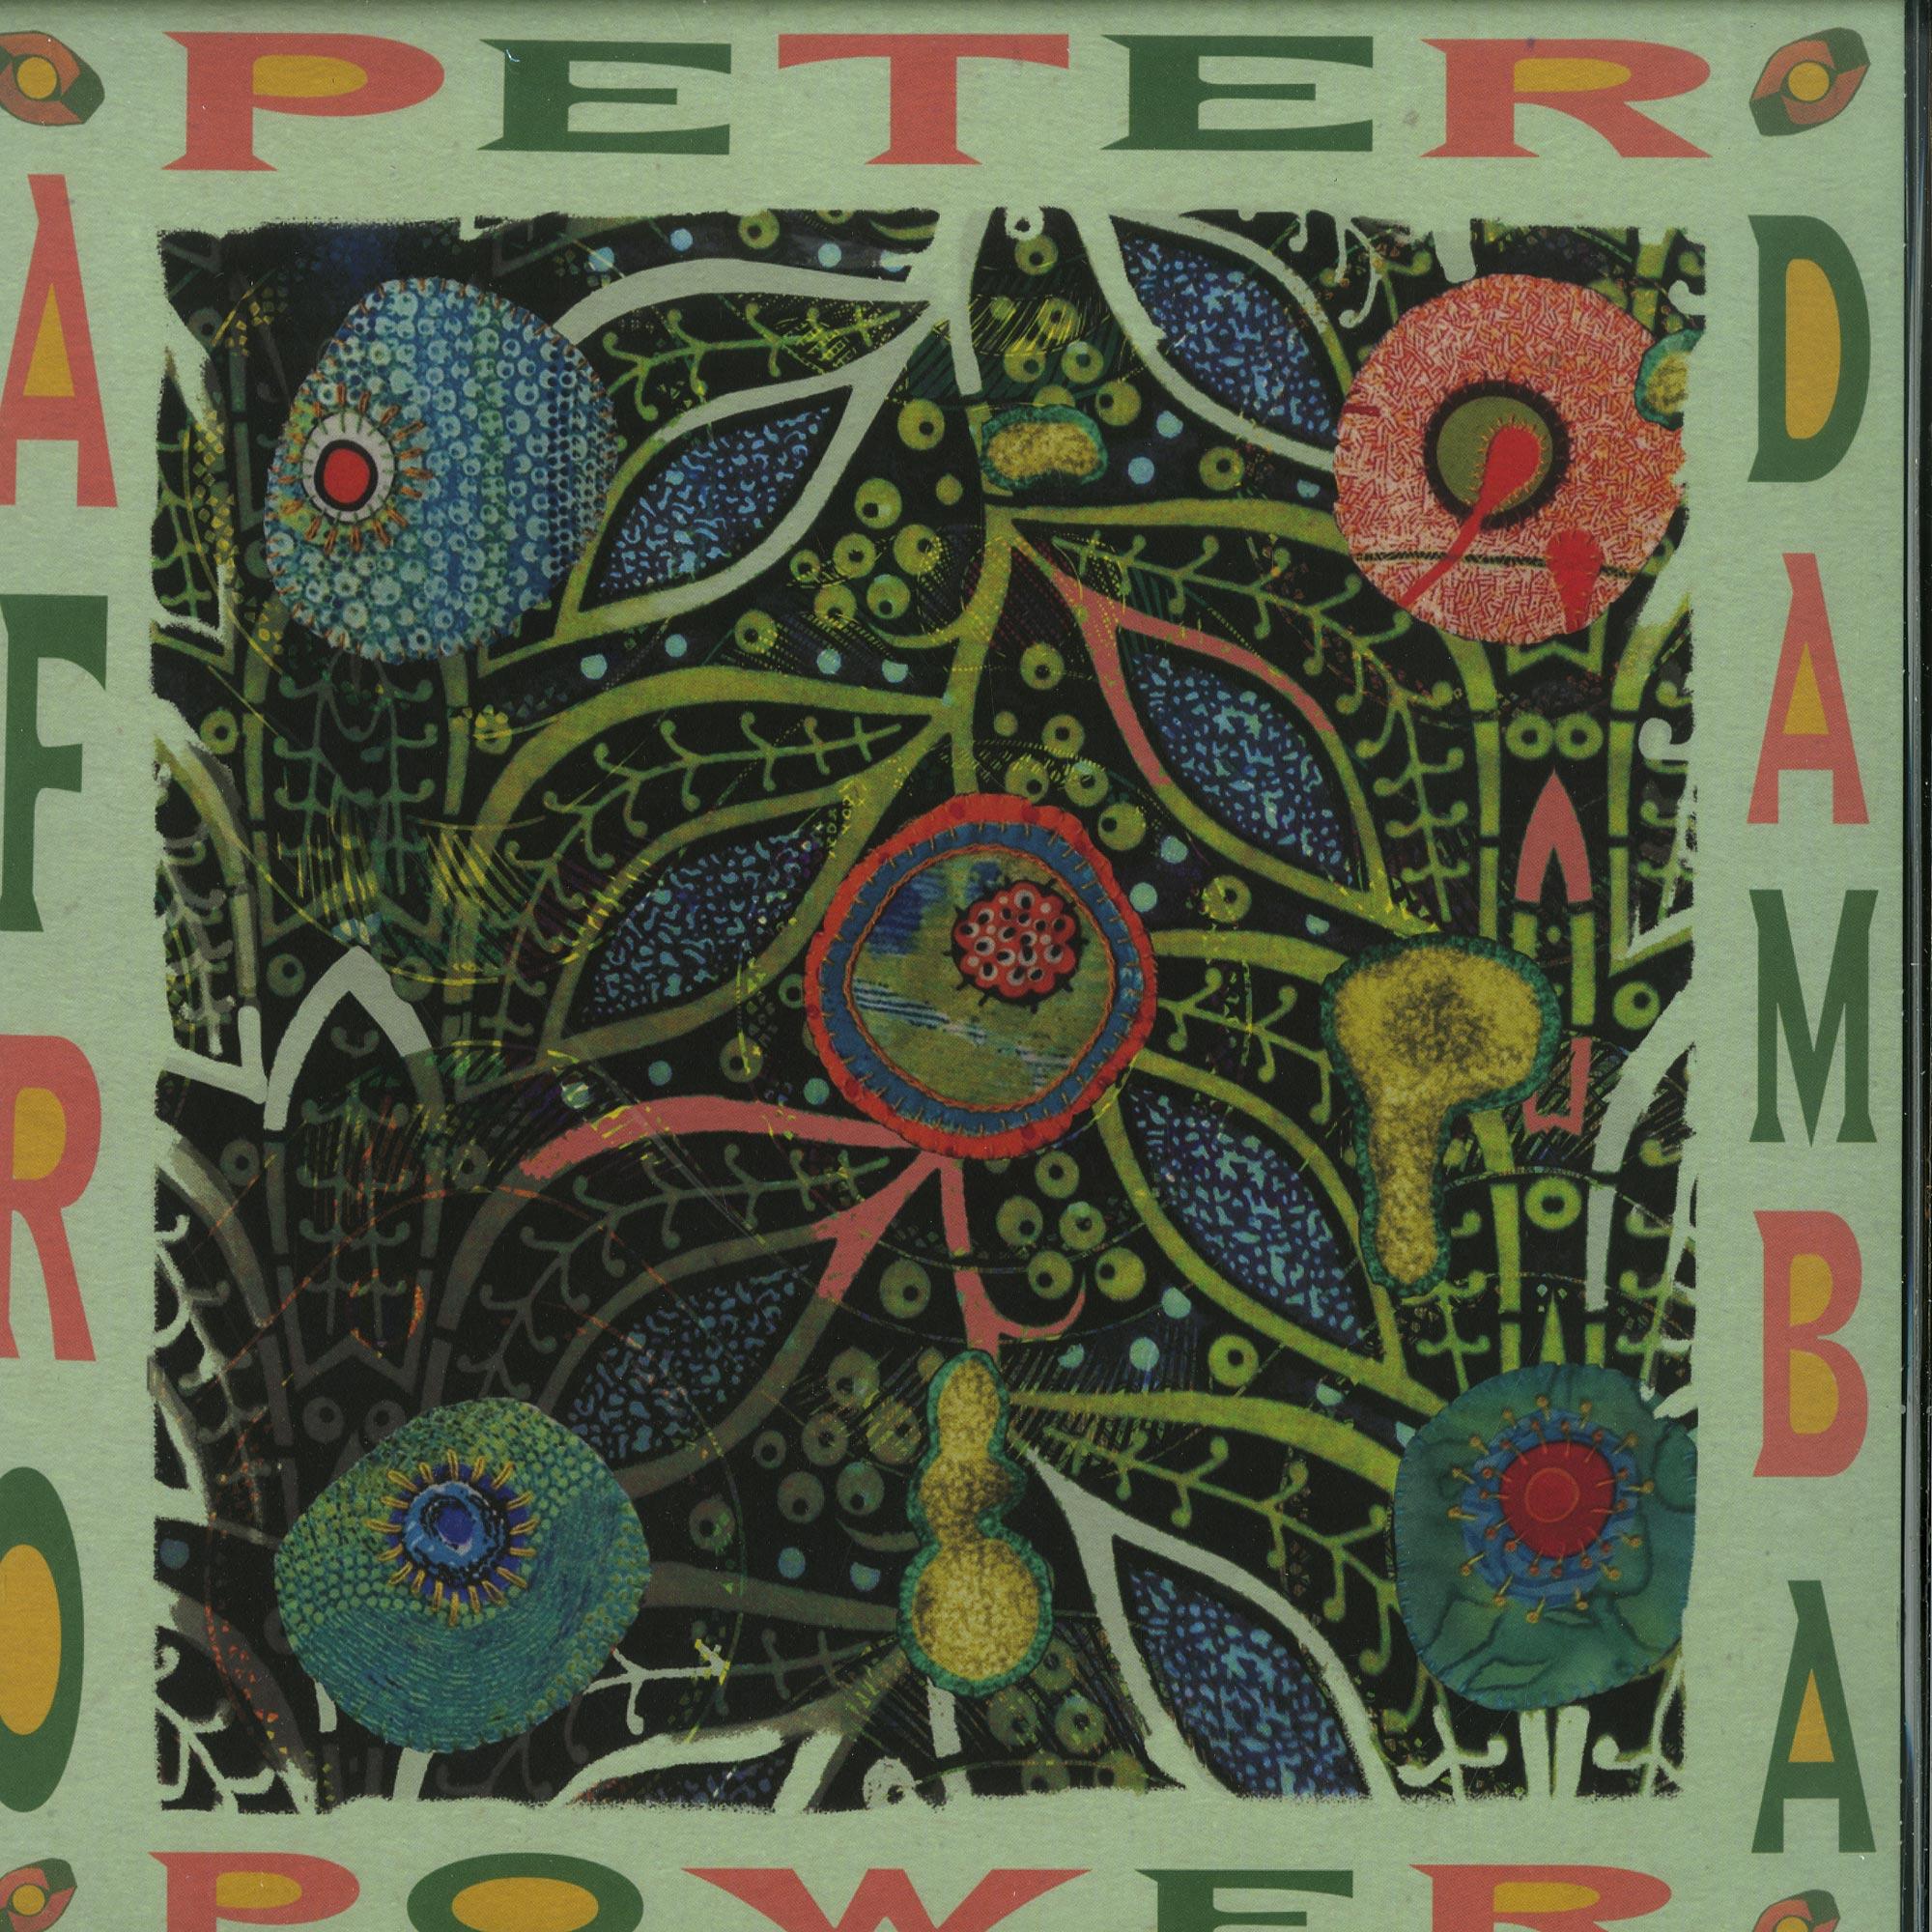 Peter Power - AFRO DAMBA